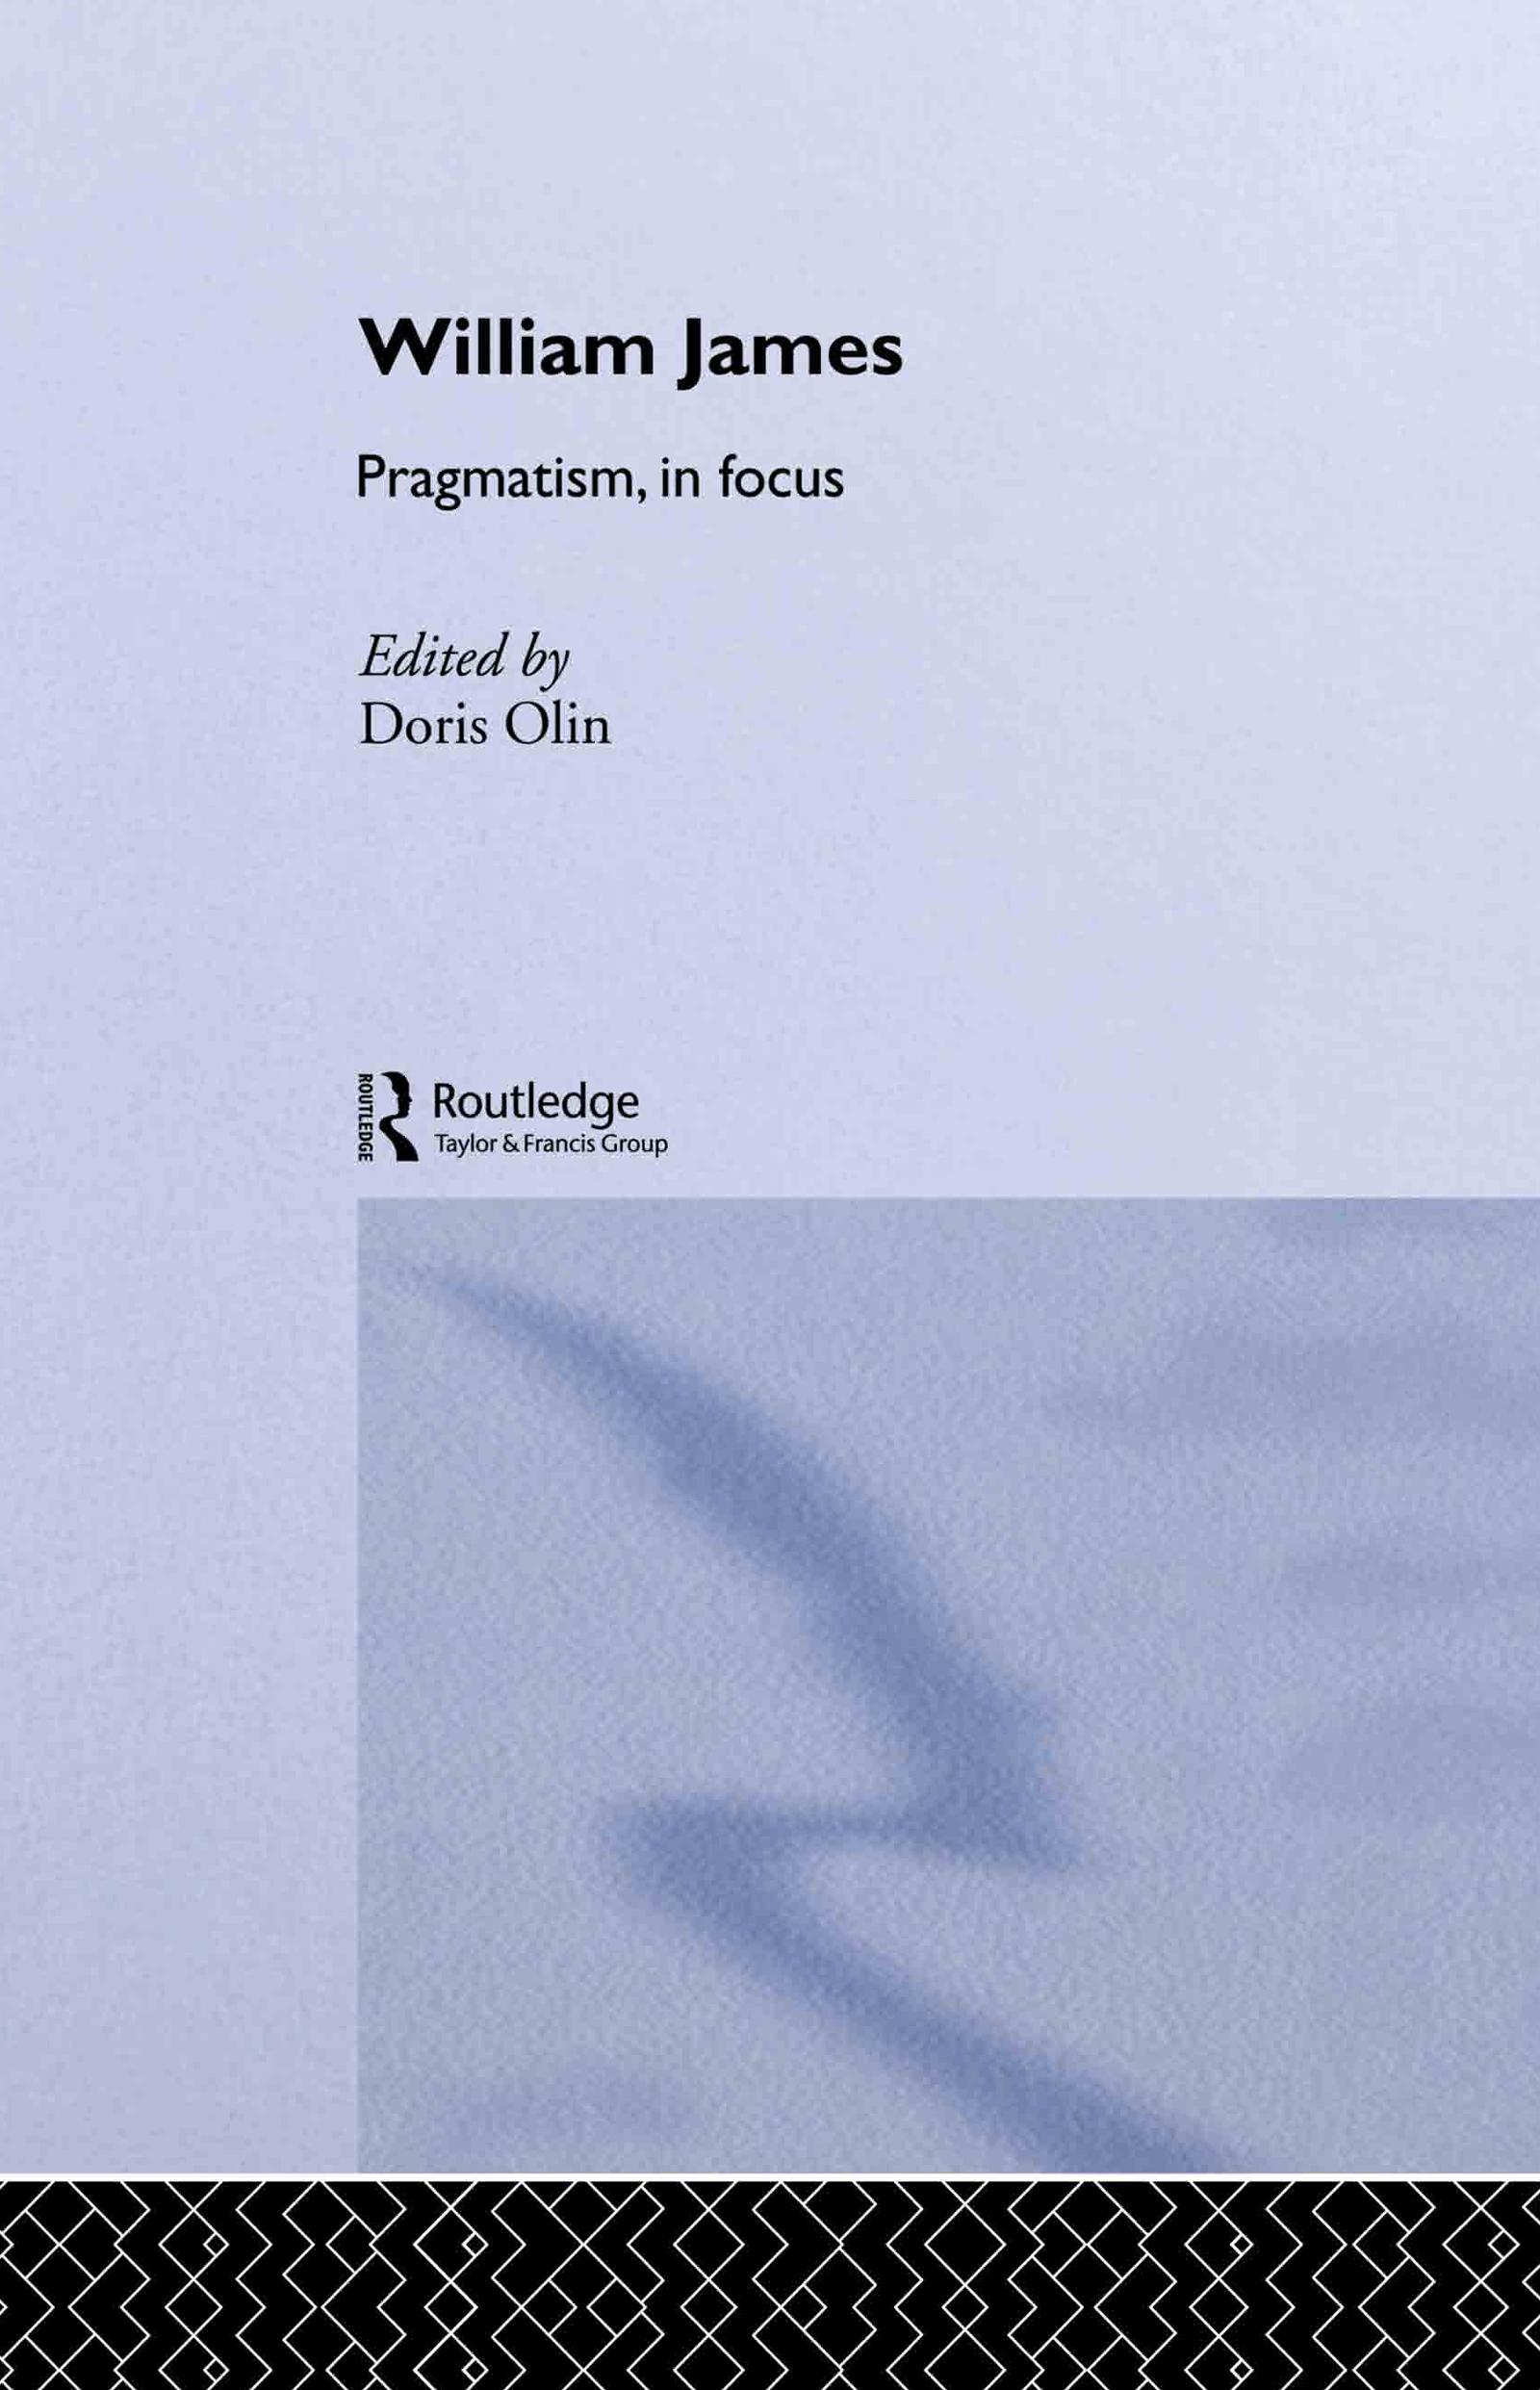 William James Pragmatism in Focus